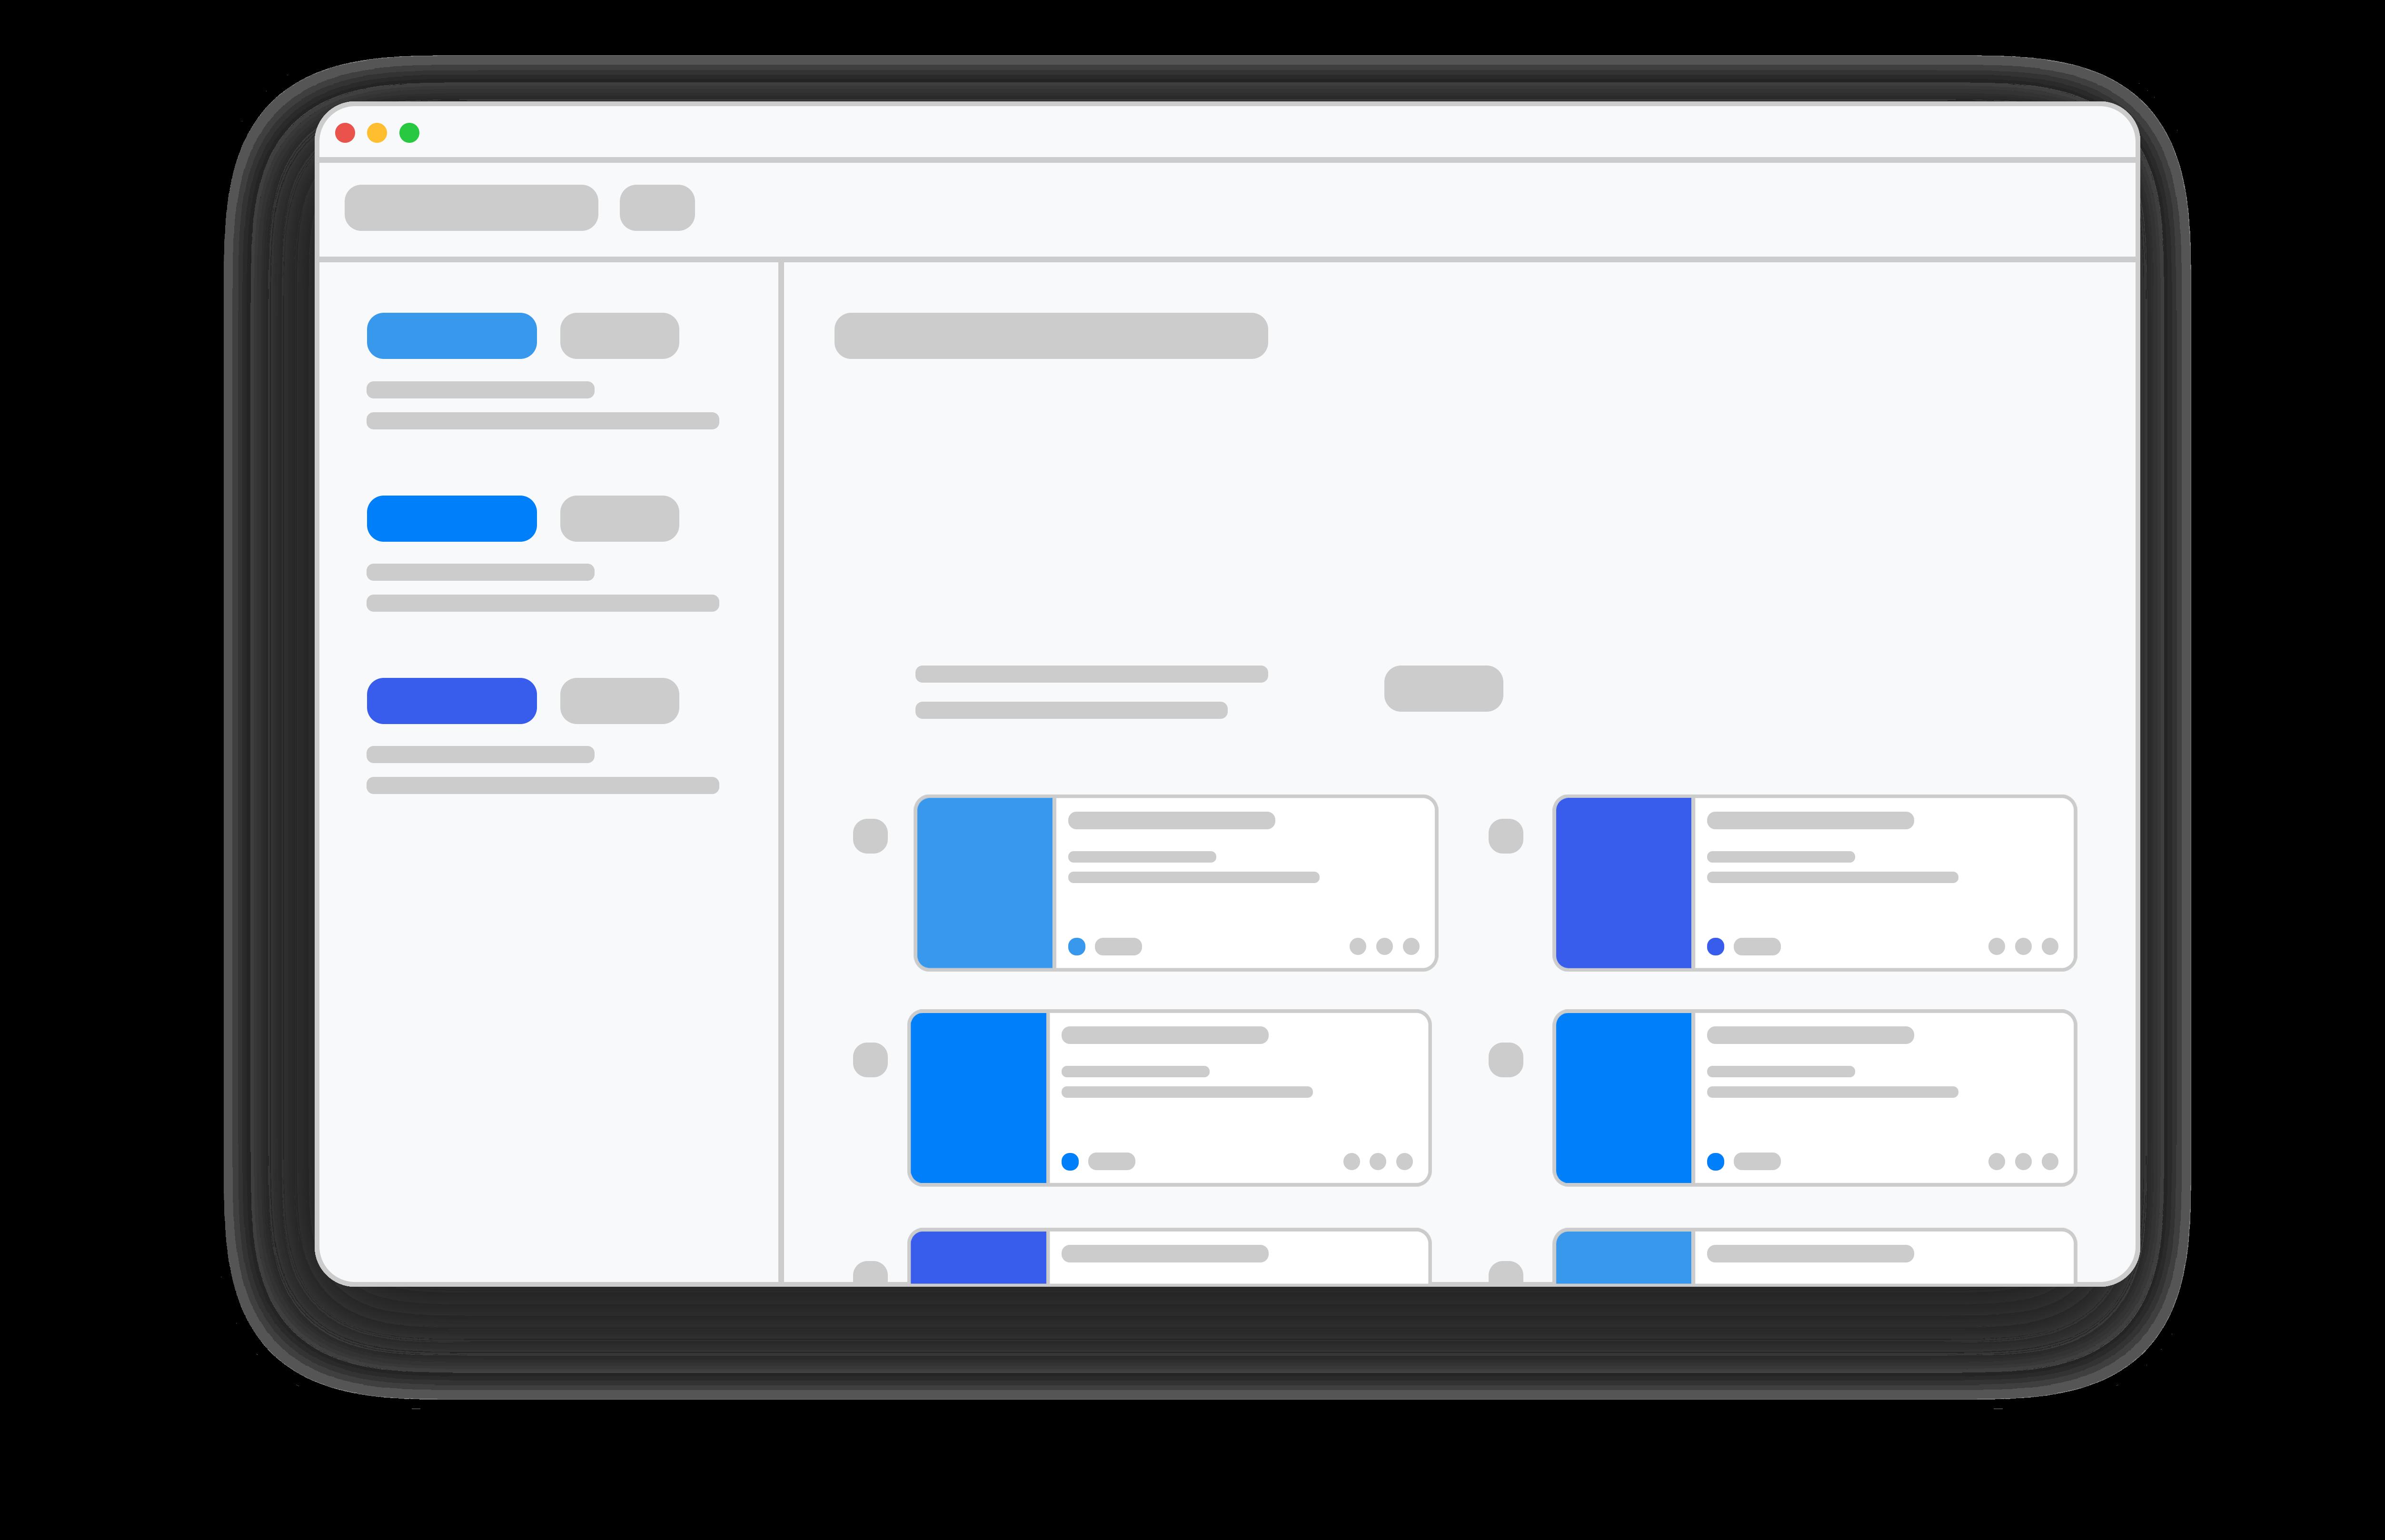 Menu management interface